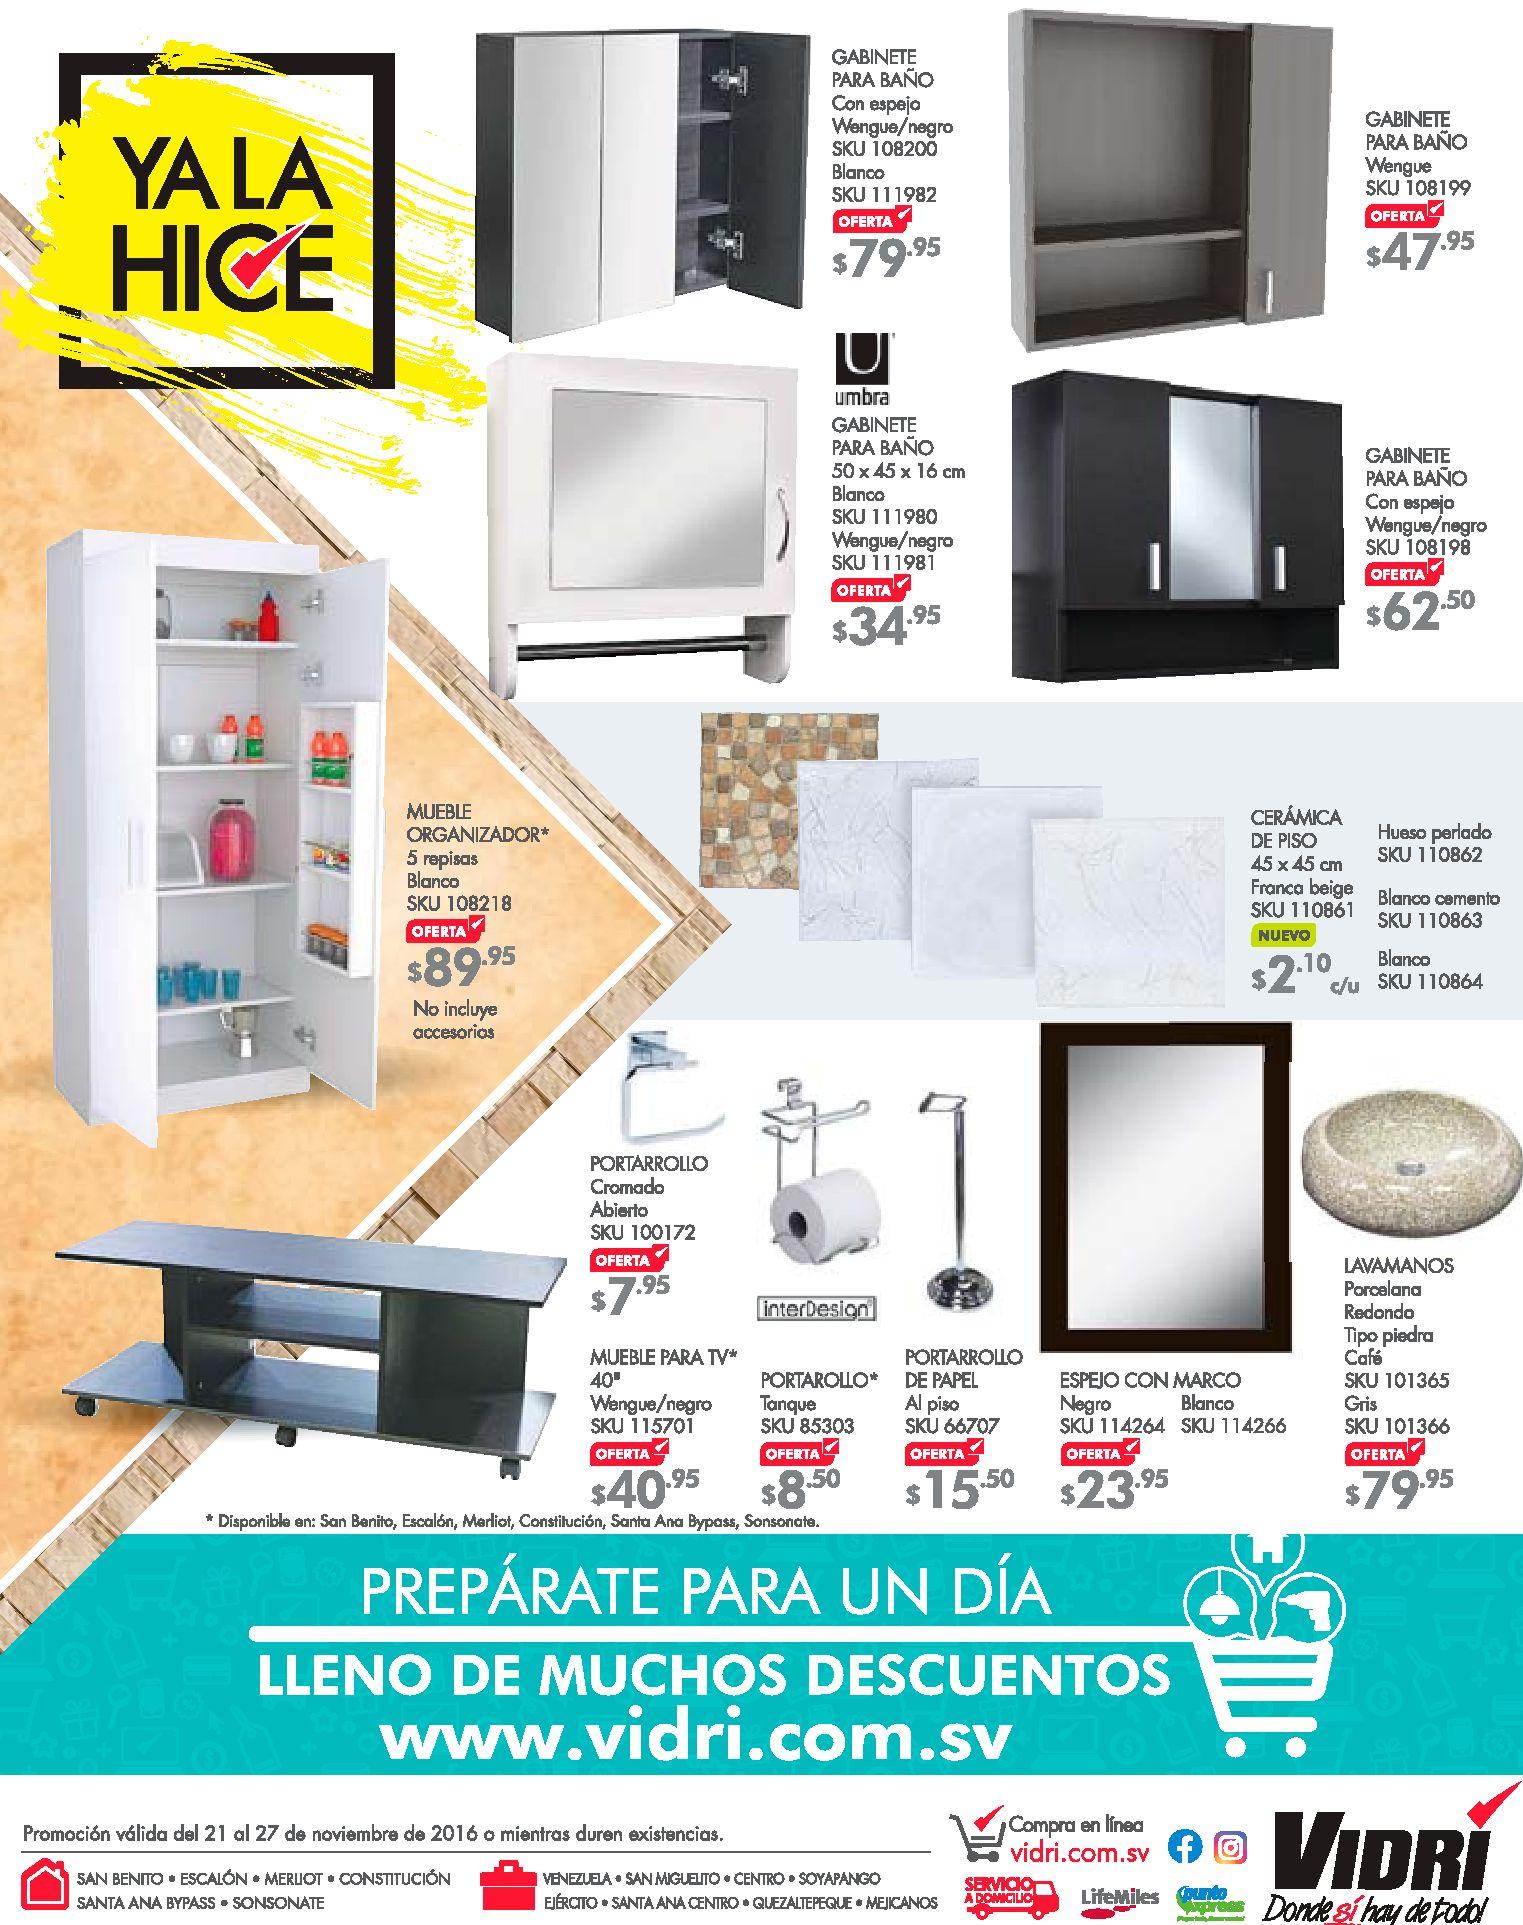 Accesorios De Baño Oferta: accesorios-para-banos-en-vidri-almacen-y-ferreteria-21nov16 – Ofertas